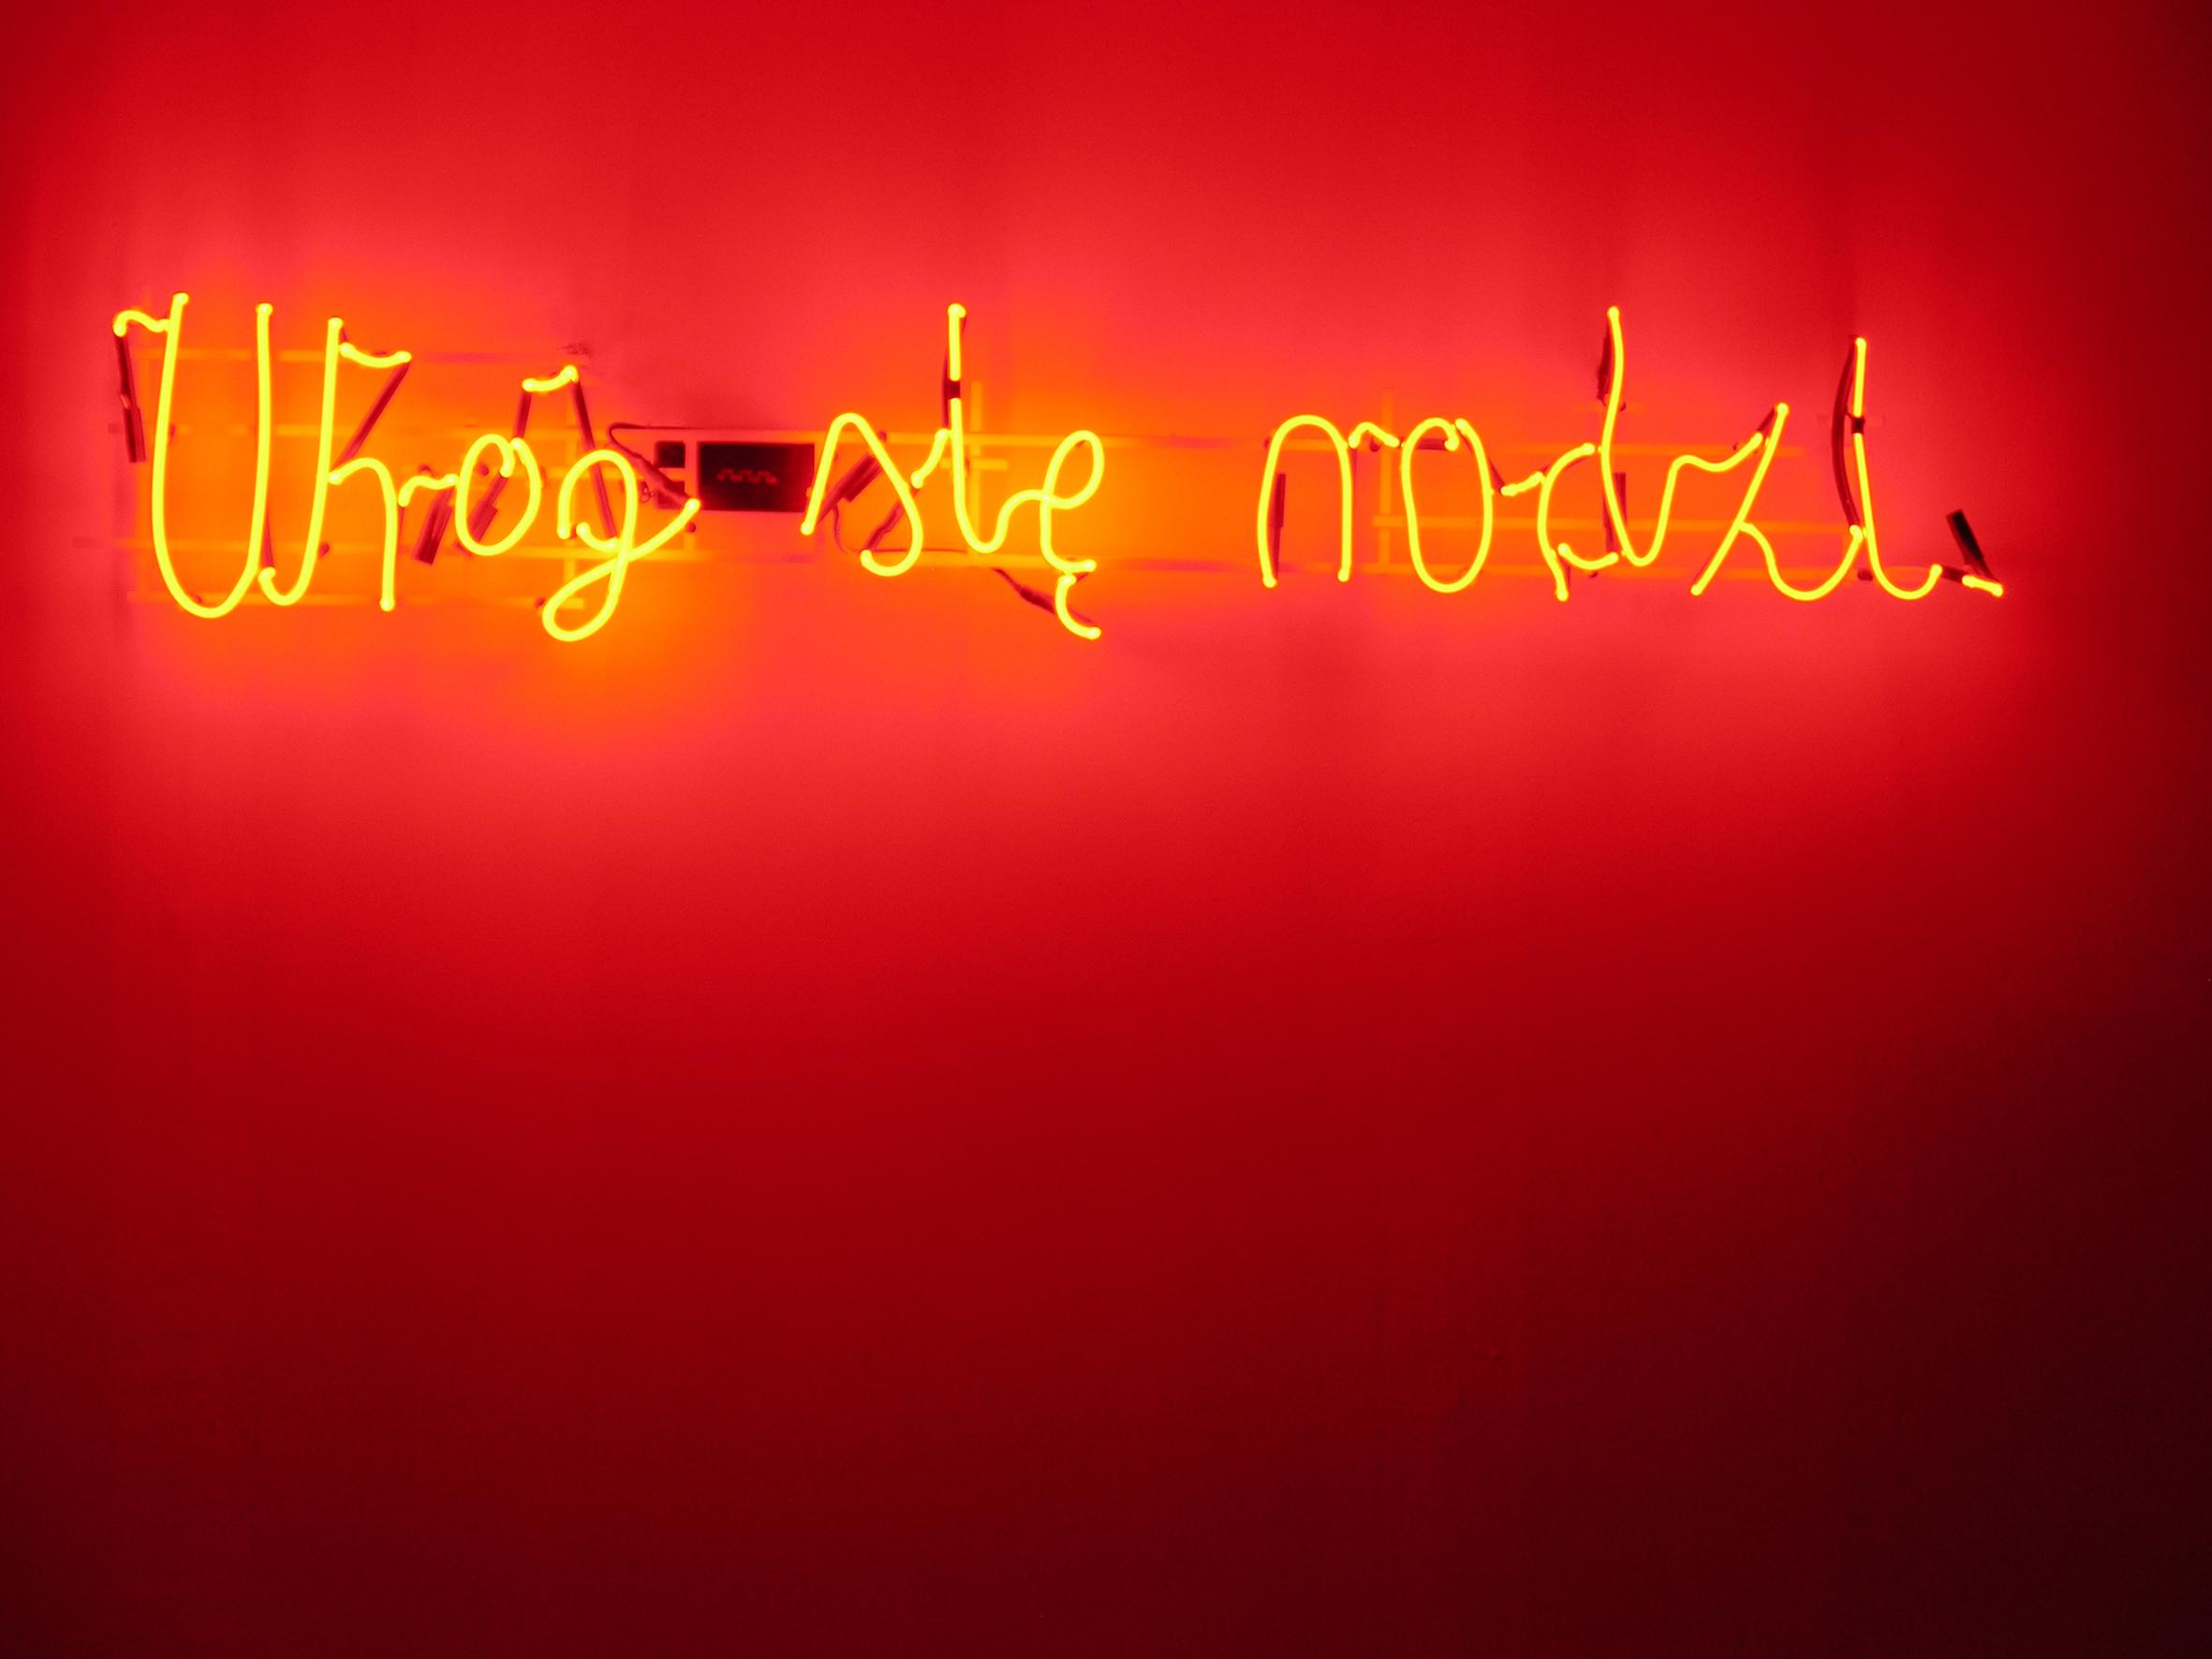 """Hubert Czerepok, """"Wróg się rodzi"""", neon, 160 x 40 cm, 2007 (dzięki uprzejmości Stowarzyszenia Zachęty Sztuki Współczesnej w Szczecinie)"""